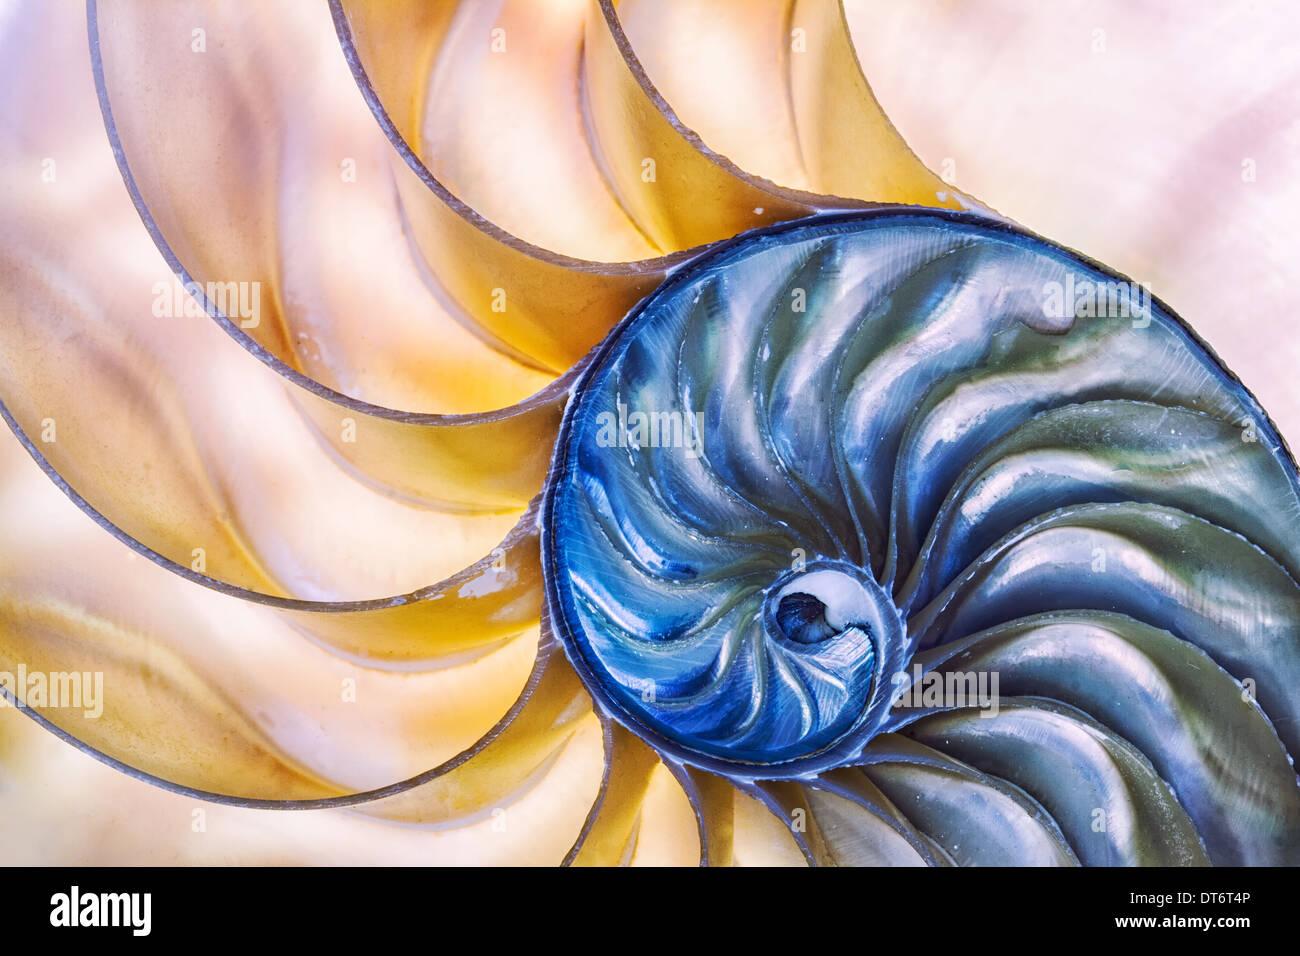 La maravilla de la naturaleza capturados en un shell Nautilus. Arte abstracto. Imagen De Stock